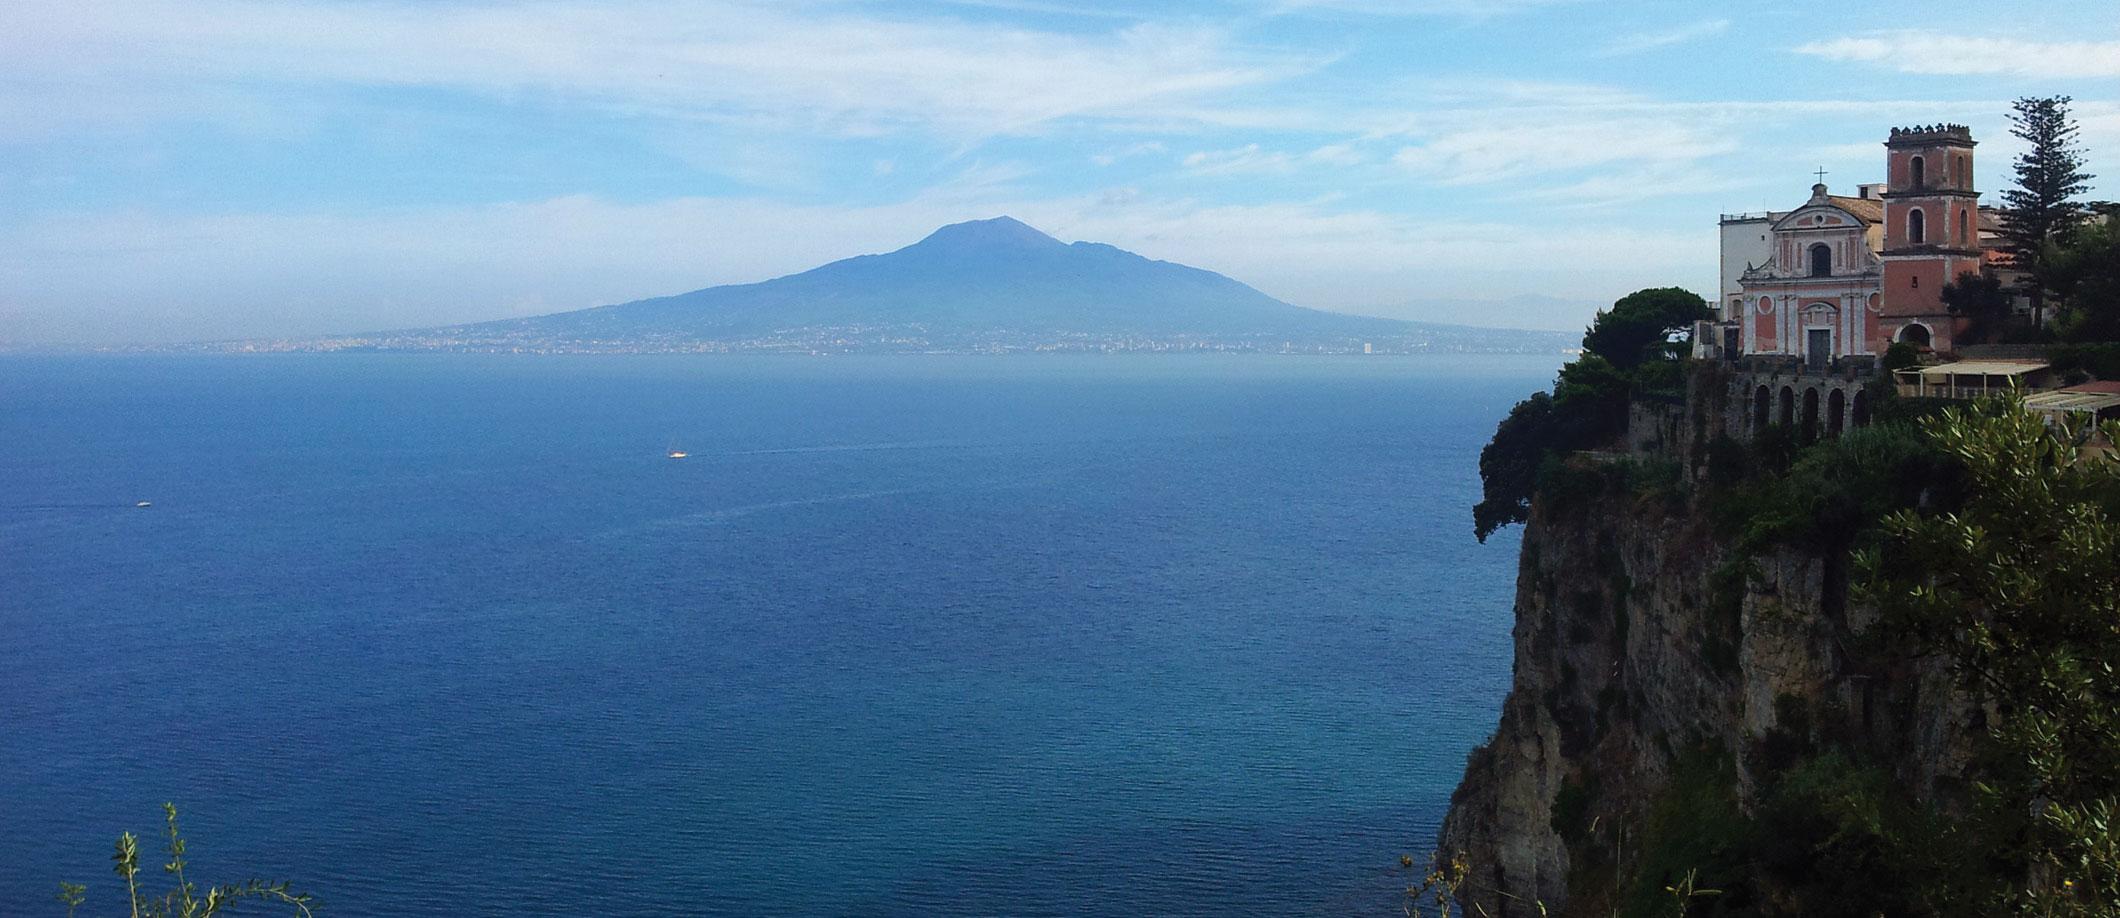 Mount-Vesuvius